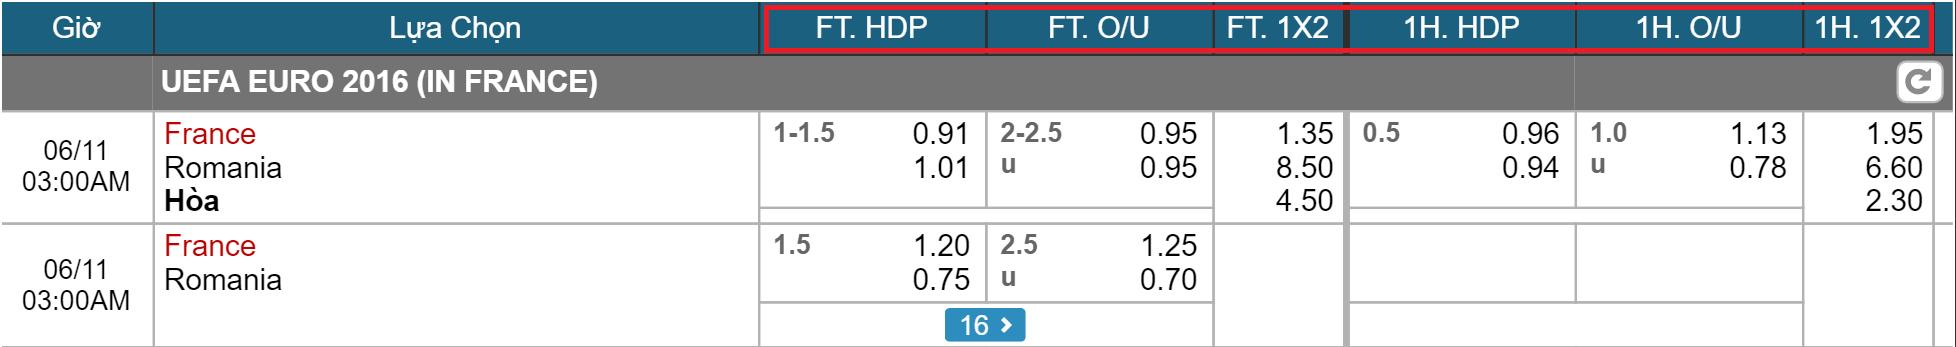 Khung kèo cá độ bóng đá FT. HDP FT. O/U FT. 1X2 1H. HDP 1H. O/U 1H. 1X2